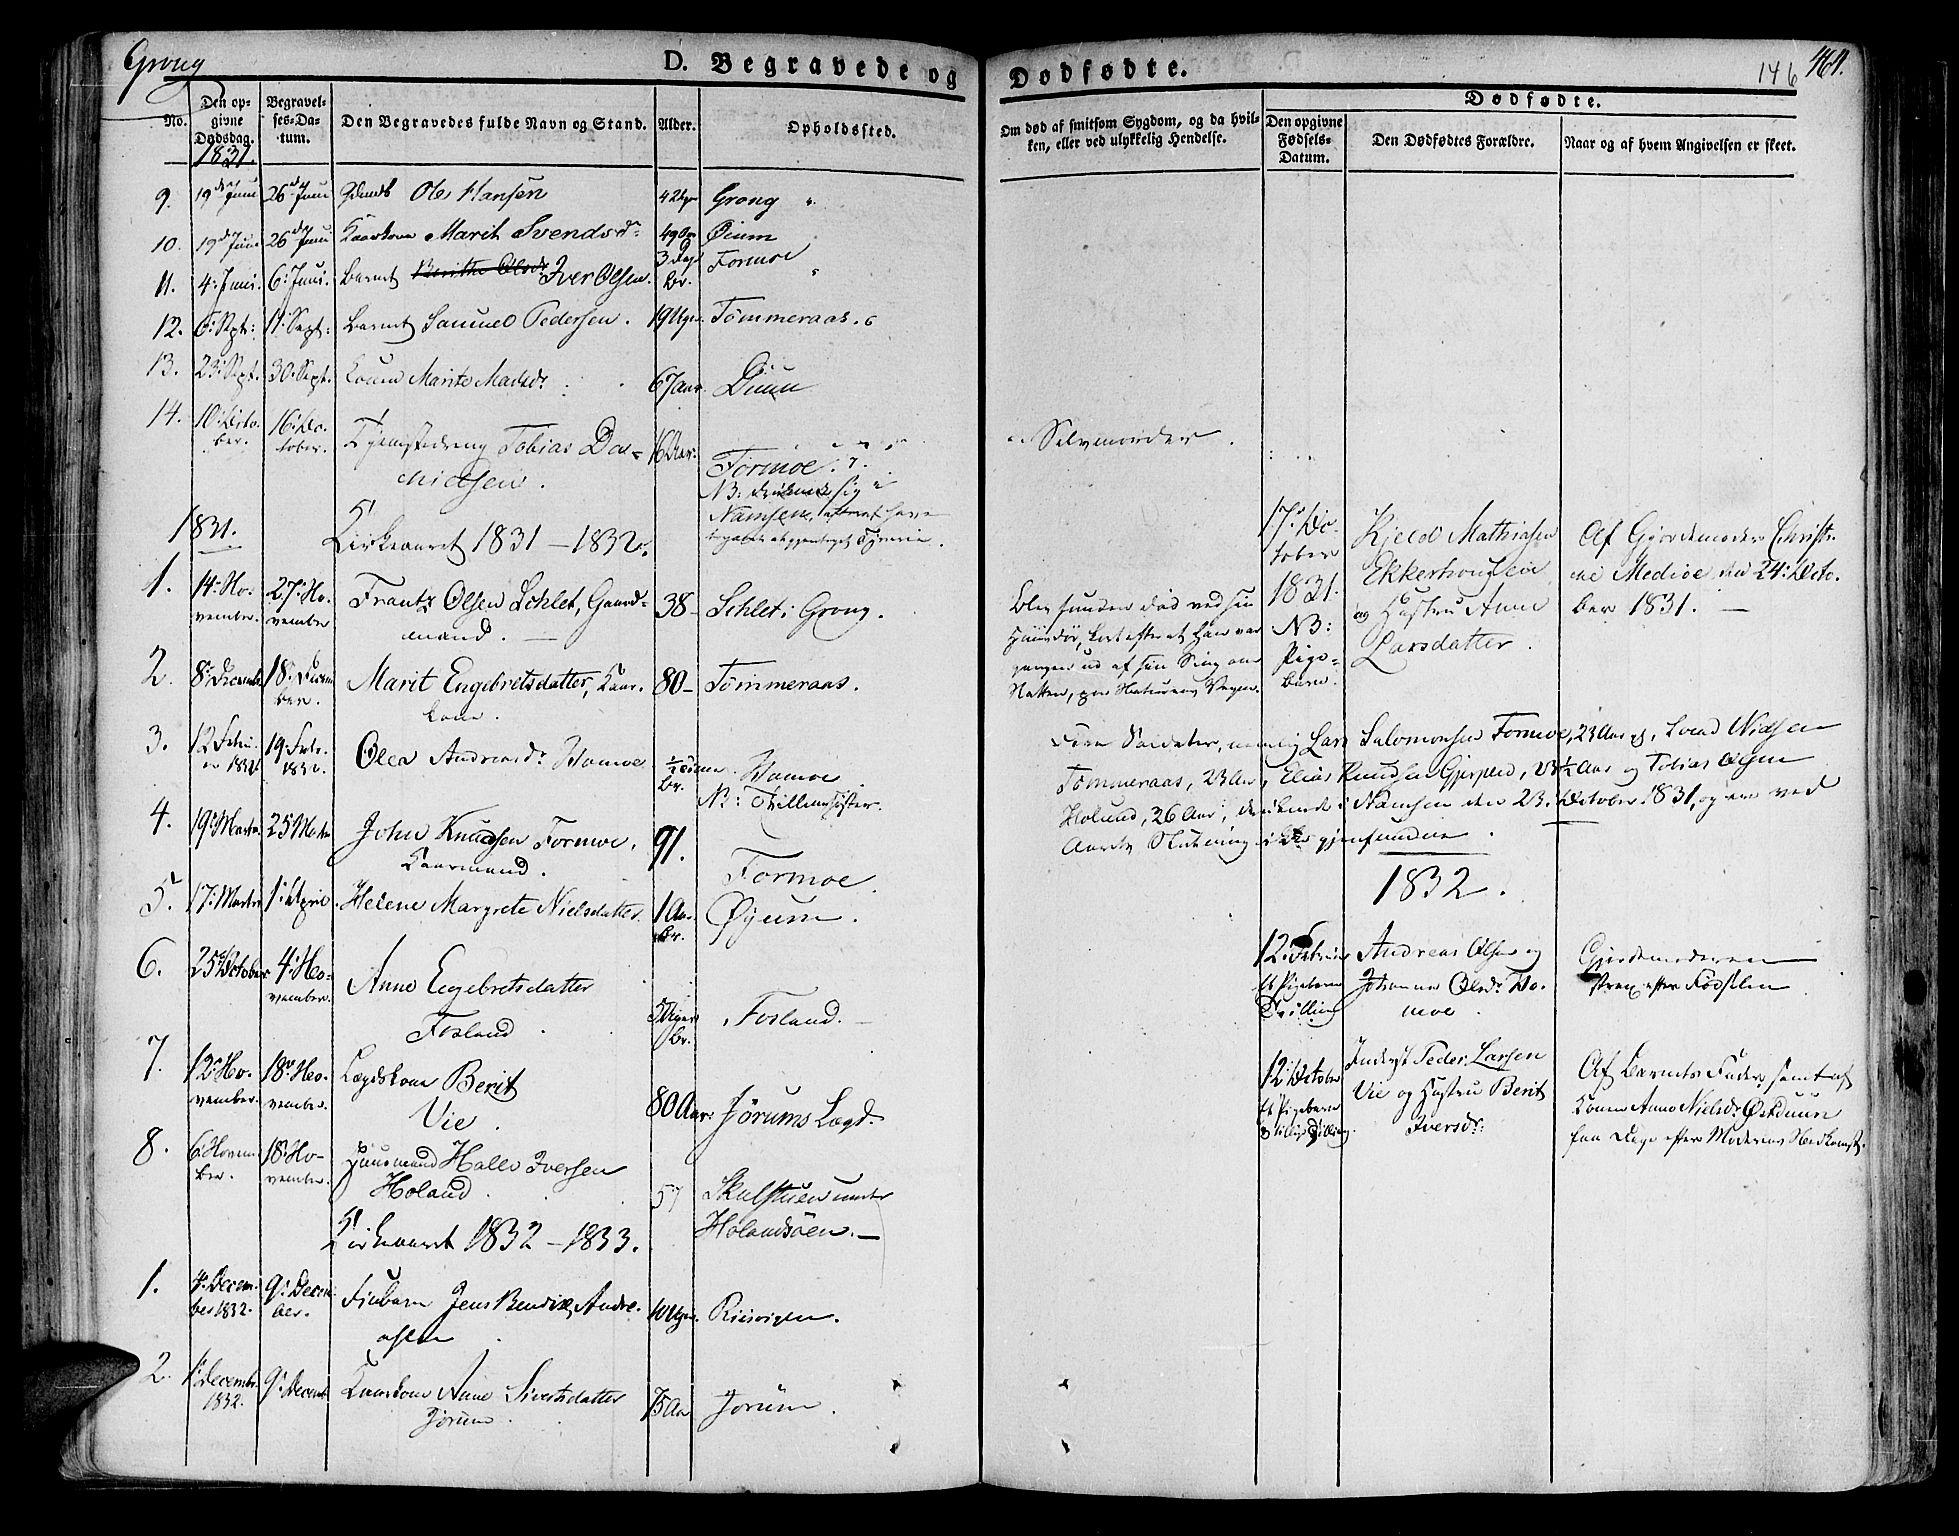 SAT, Ministerialprotokoller, klokkerbøker og fødselsregistre - Nord-Trøndelag, 758/L0510: Ministerialbok nr. 758A01 /1, 1821-1841, s. 146